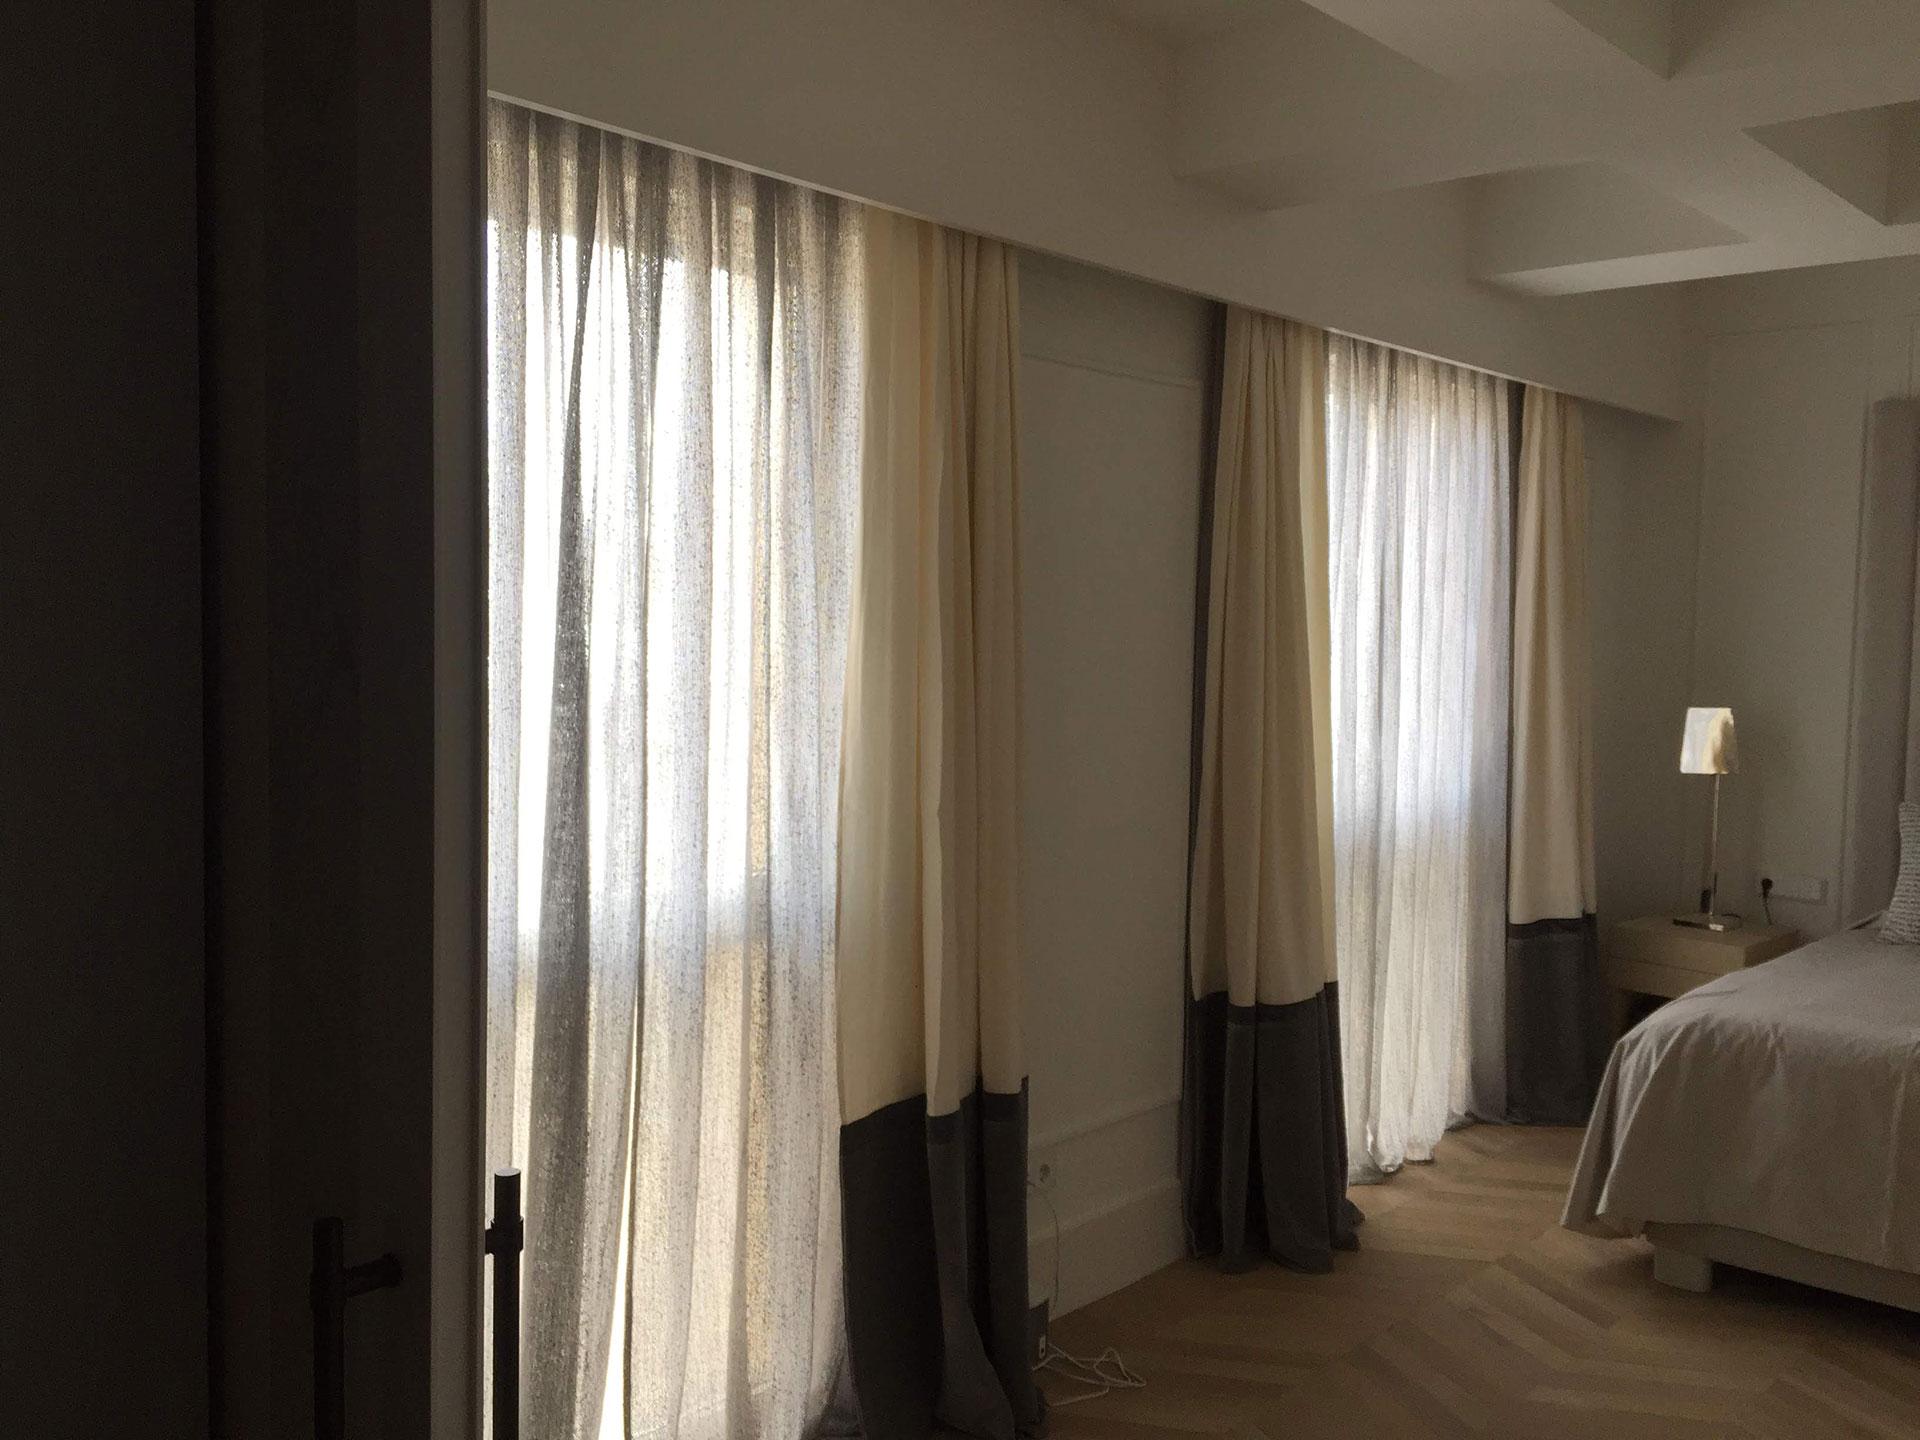 Instalación cortinas en piso de San Sebastián, Gipuzkoa